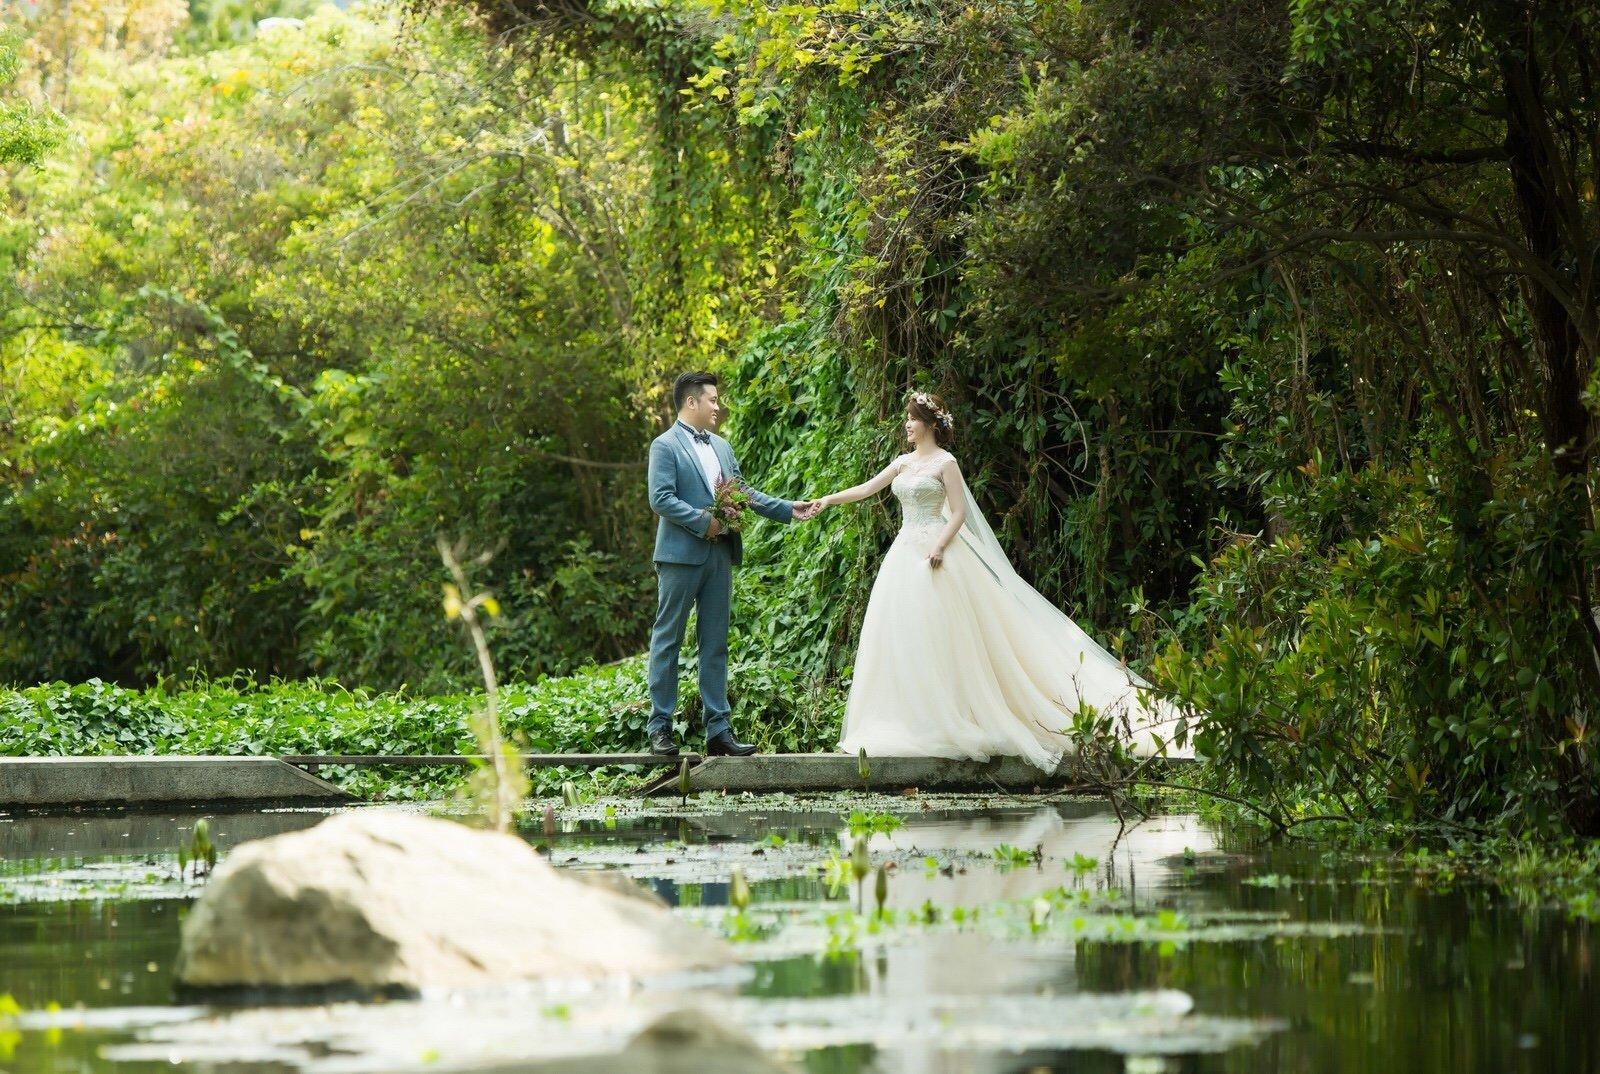 高雄法國臺北婚紗 記錄我們美好的回憶 新人婚紗推薦| 高雄法國臺北婚紗